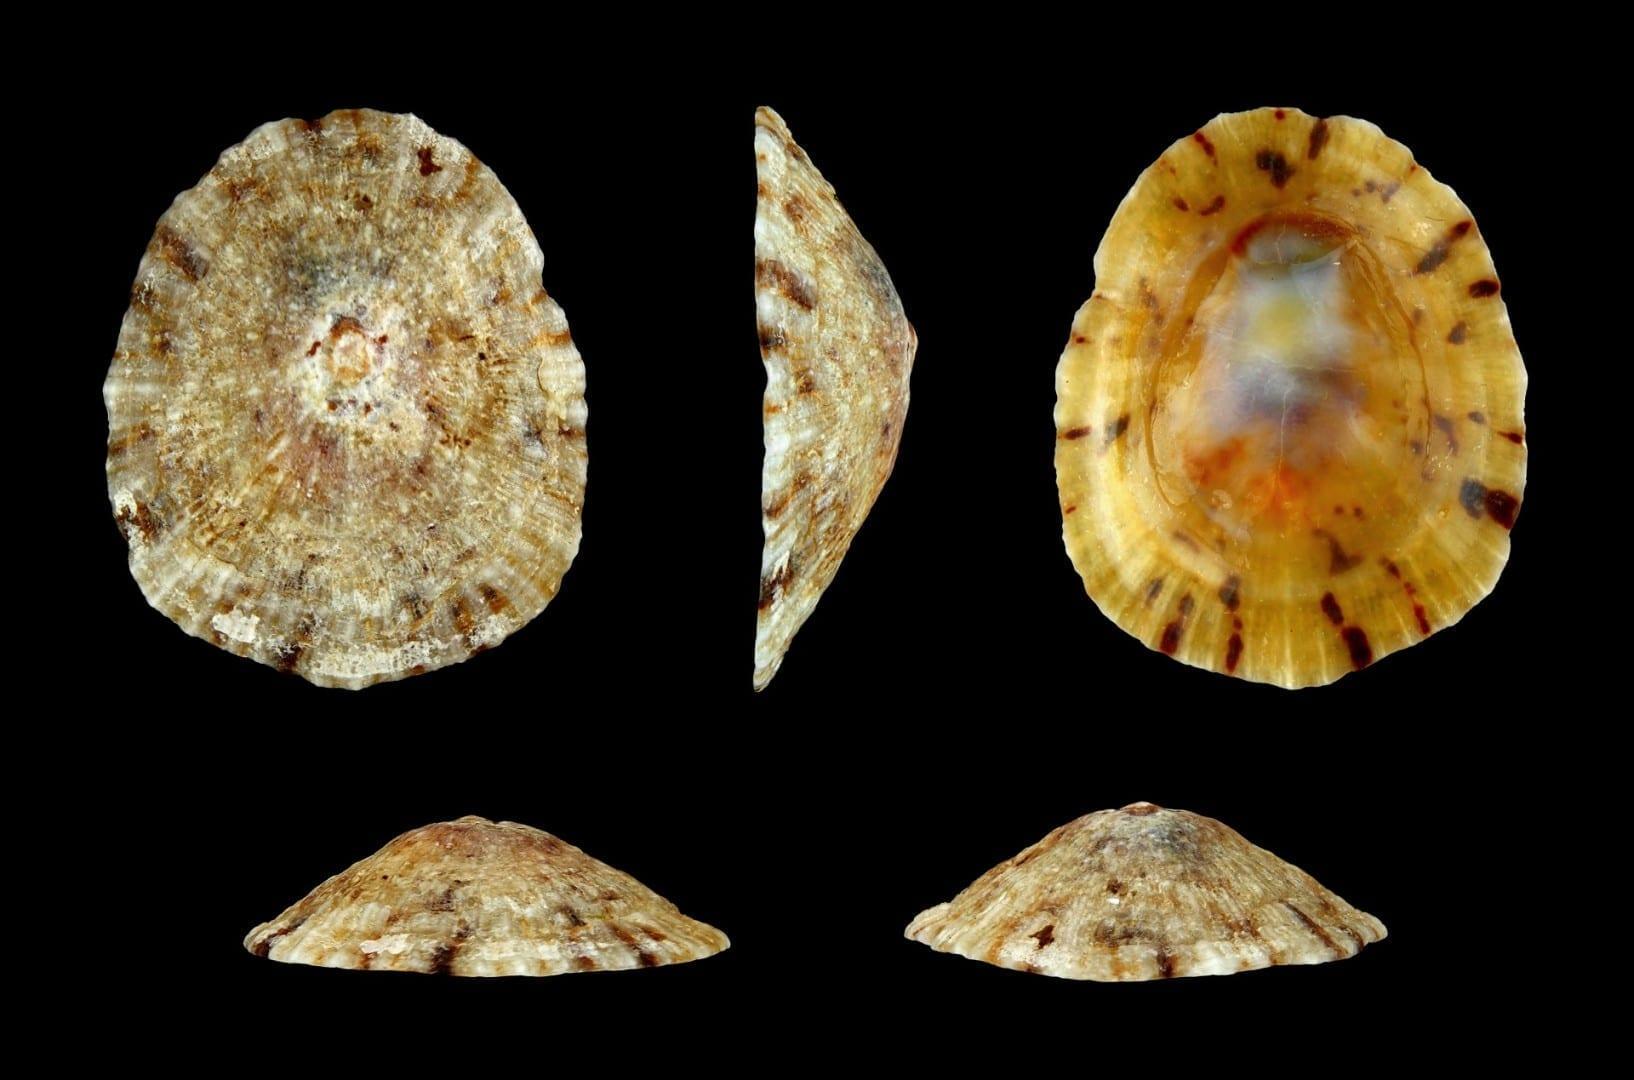 Las conchas lapa de las ruedas que se originan en el Mar Rojo cerca de Tabuk Tabuk Arabia Saudí